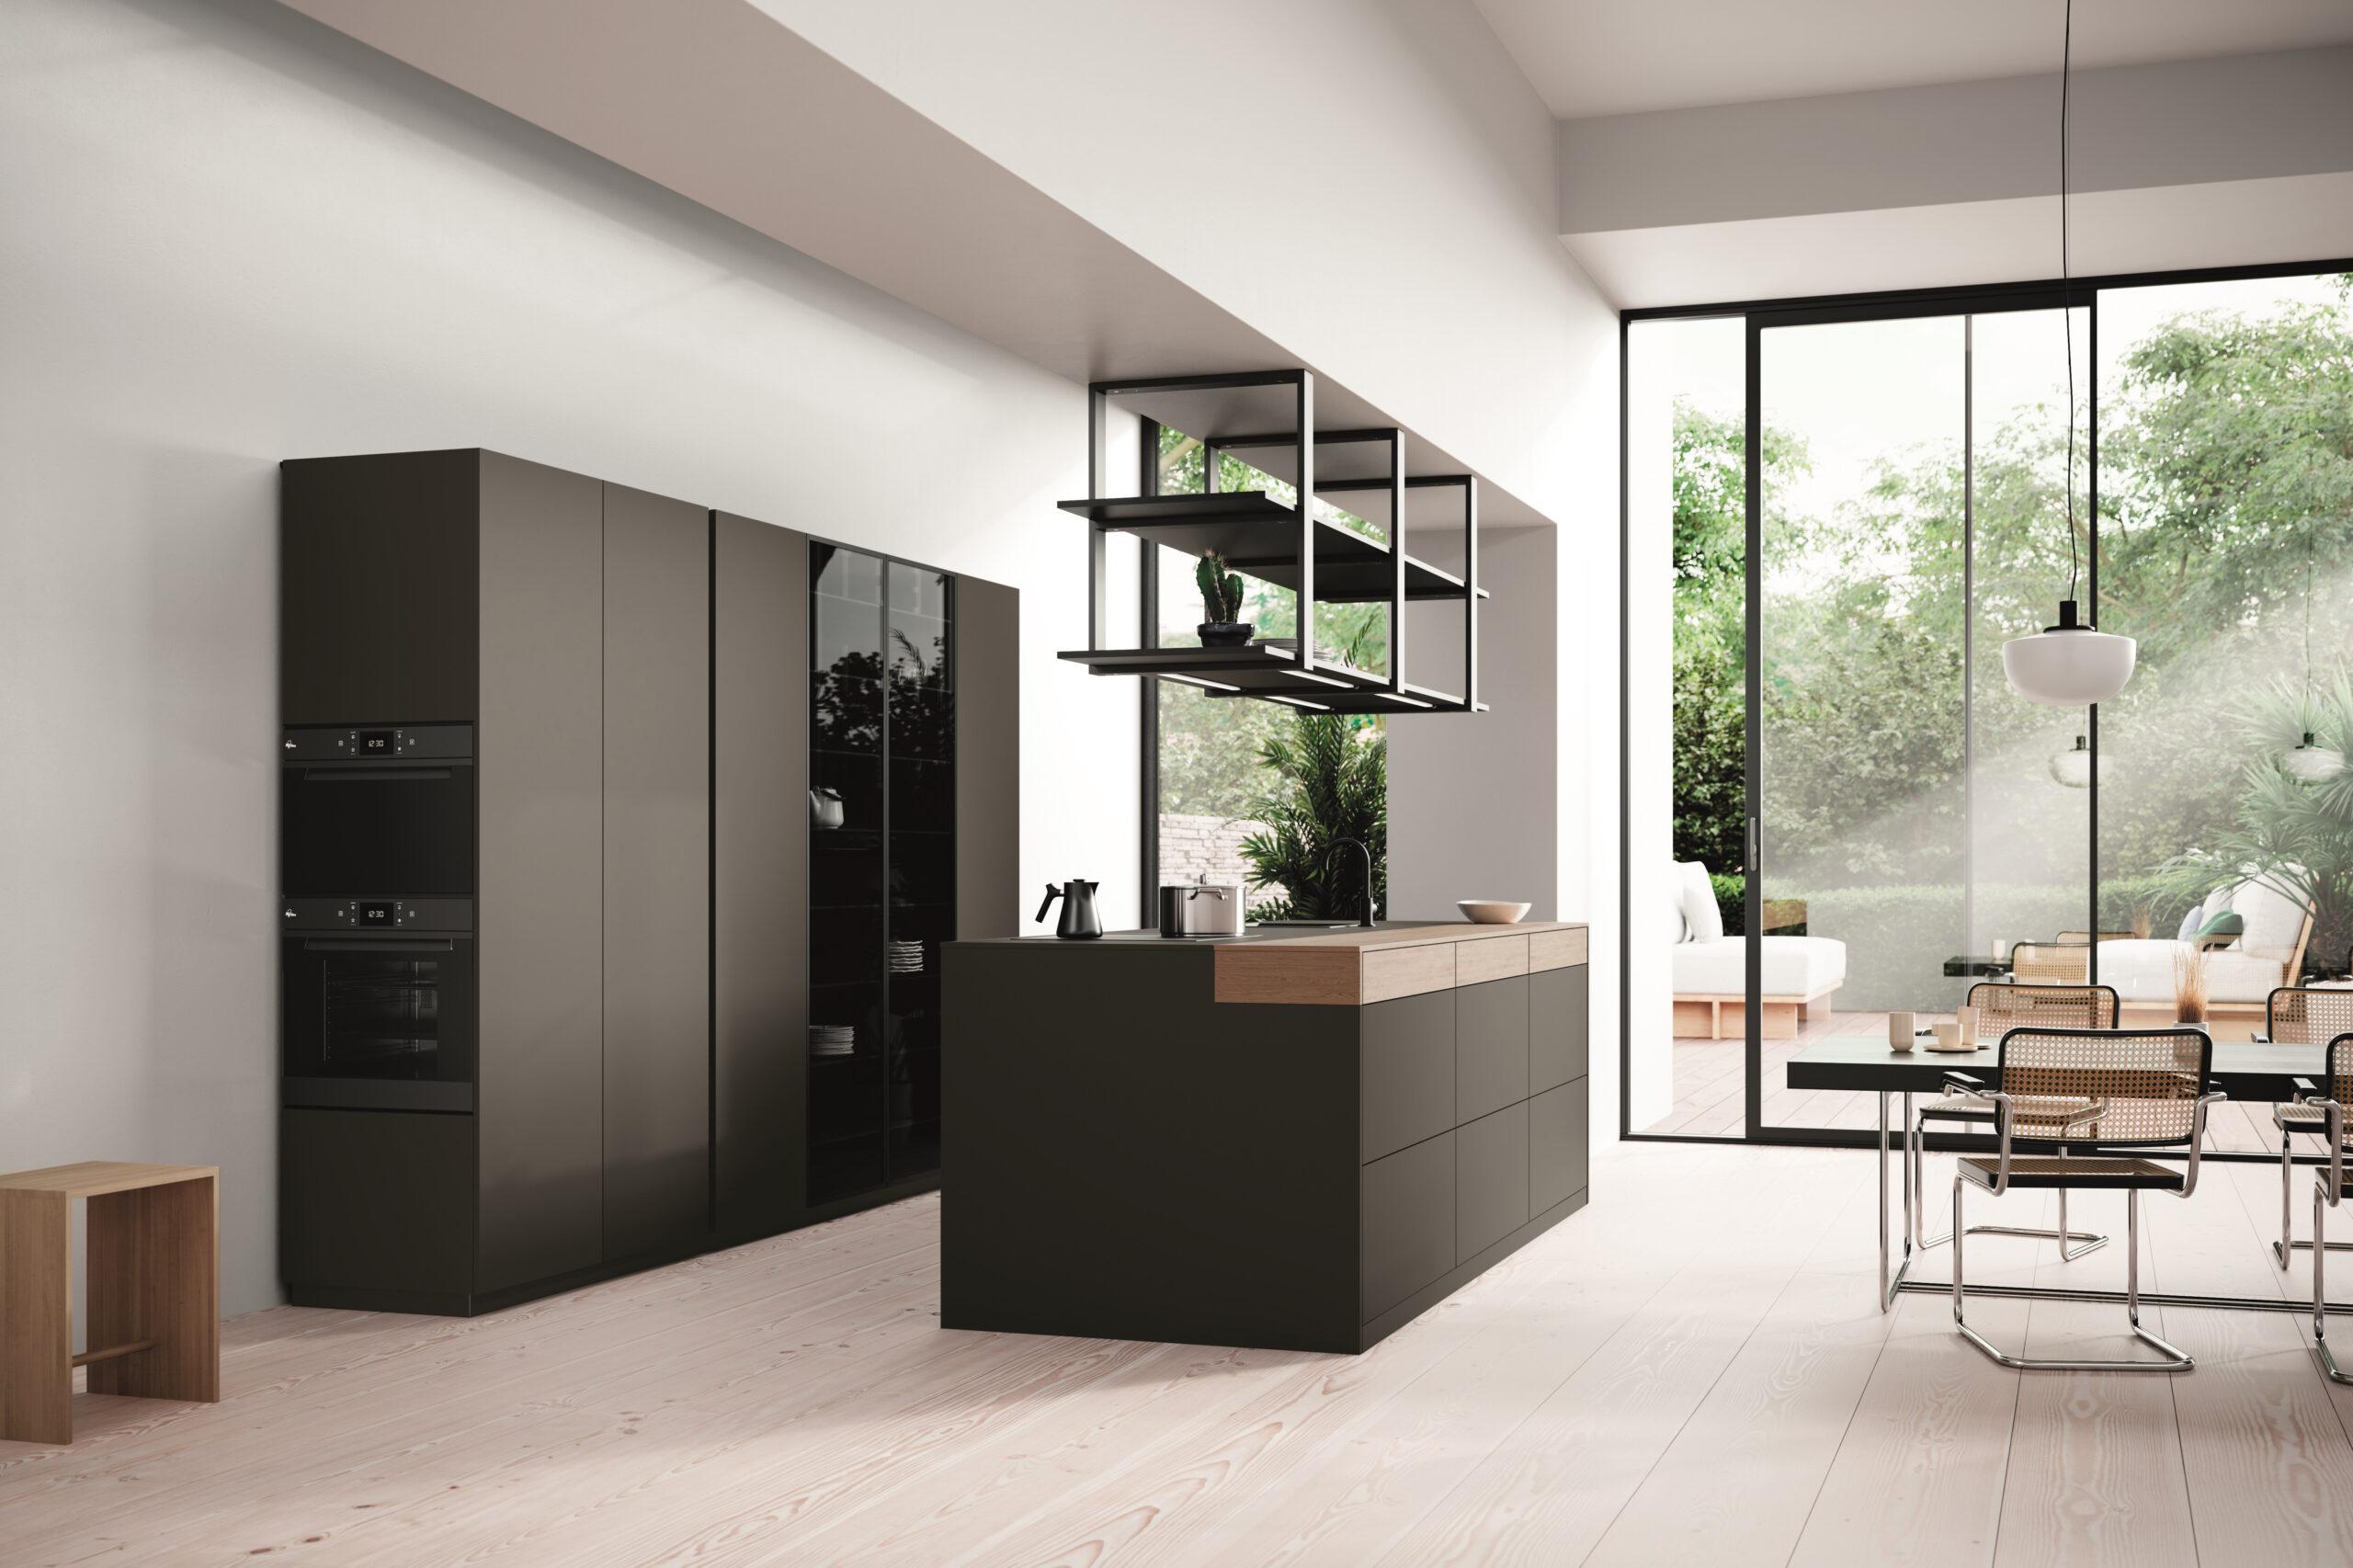 _Rotpunkt 2021 – New Clay Dark kitchen & Ceiling Frames